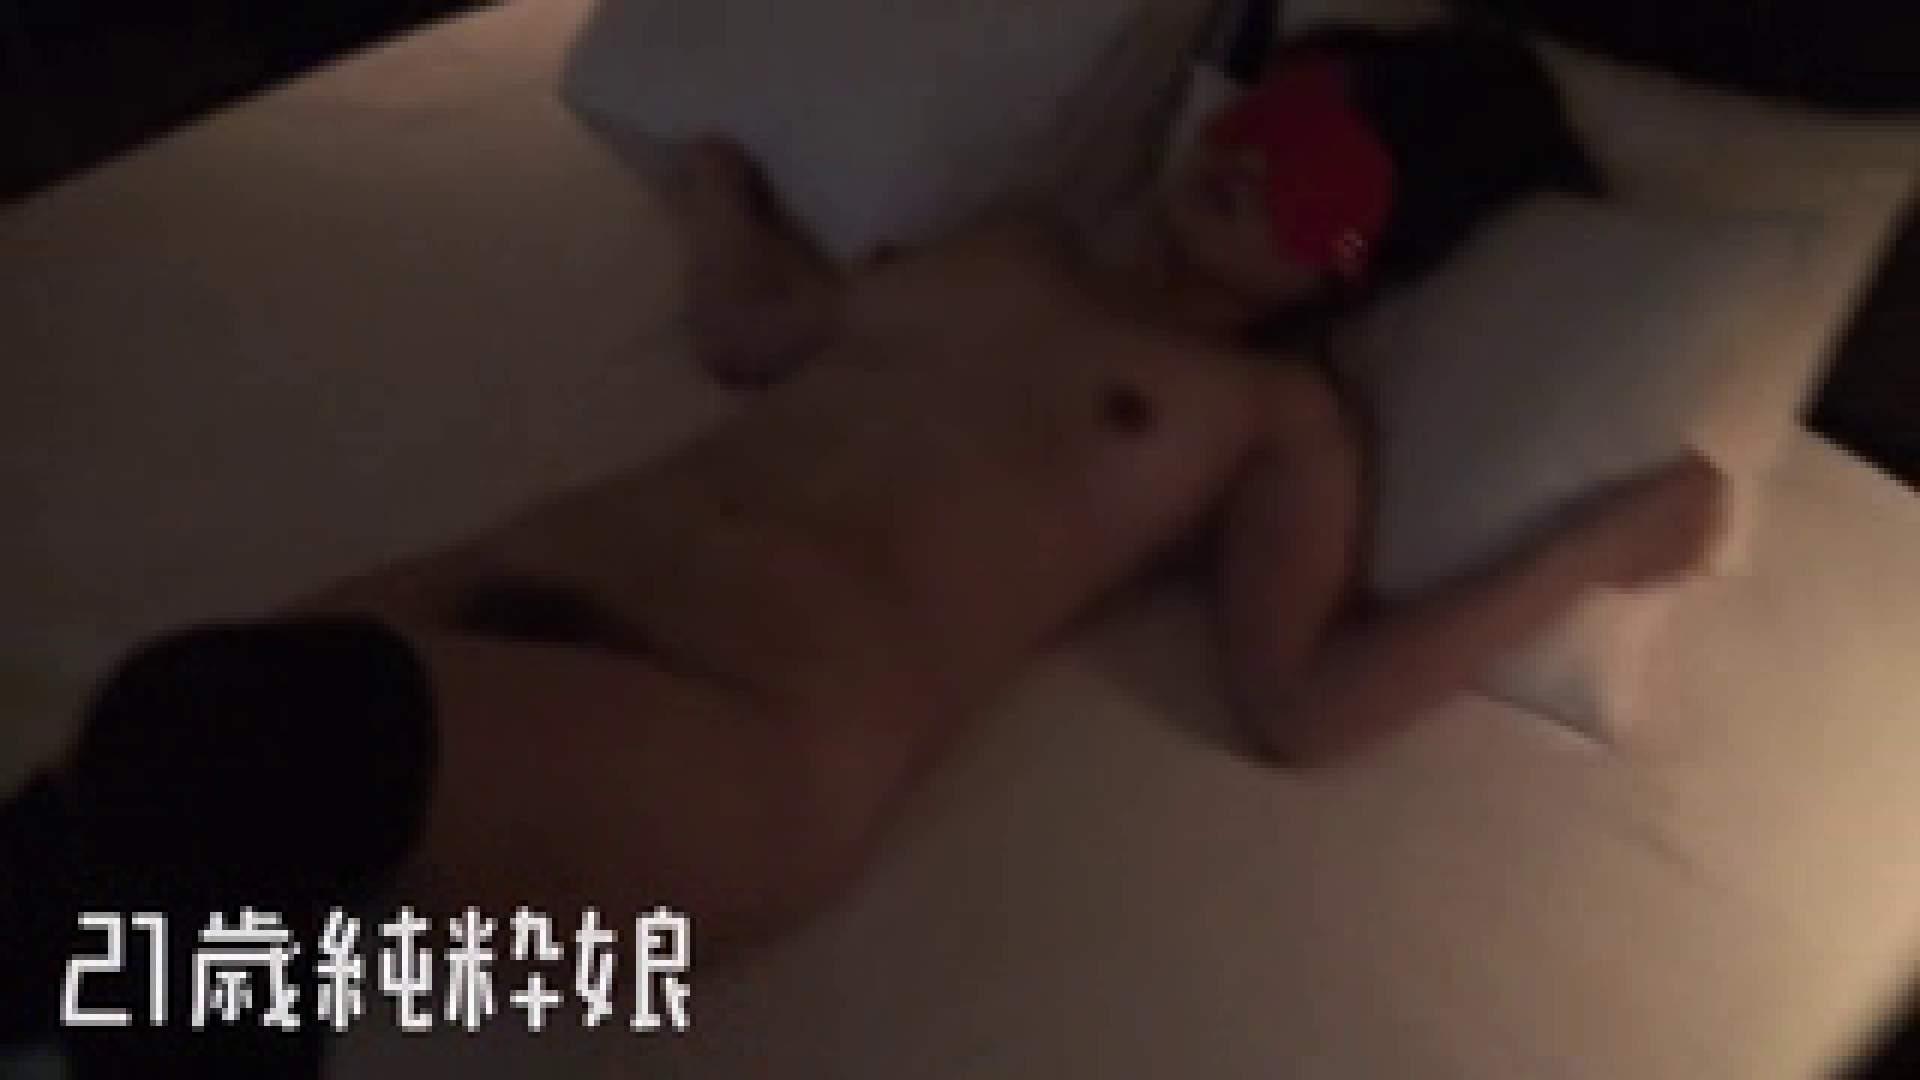 上京したばかりのGカップ21歳純粋嬢を都合の良い女にしてみた4 ホテル | ギャル達のおっぱい  96画像 44